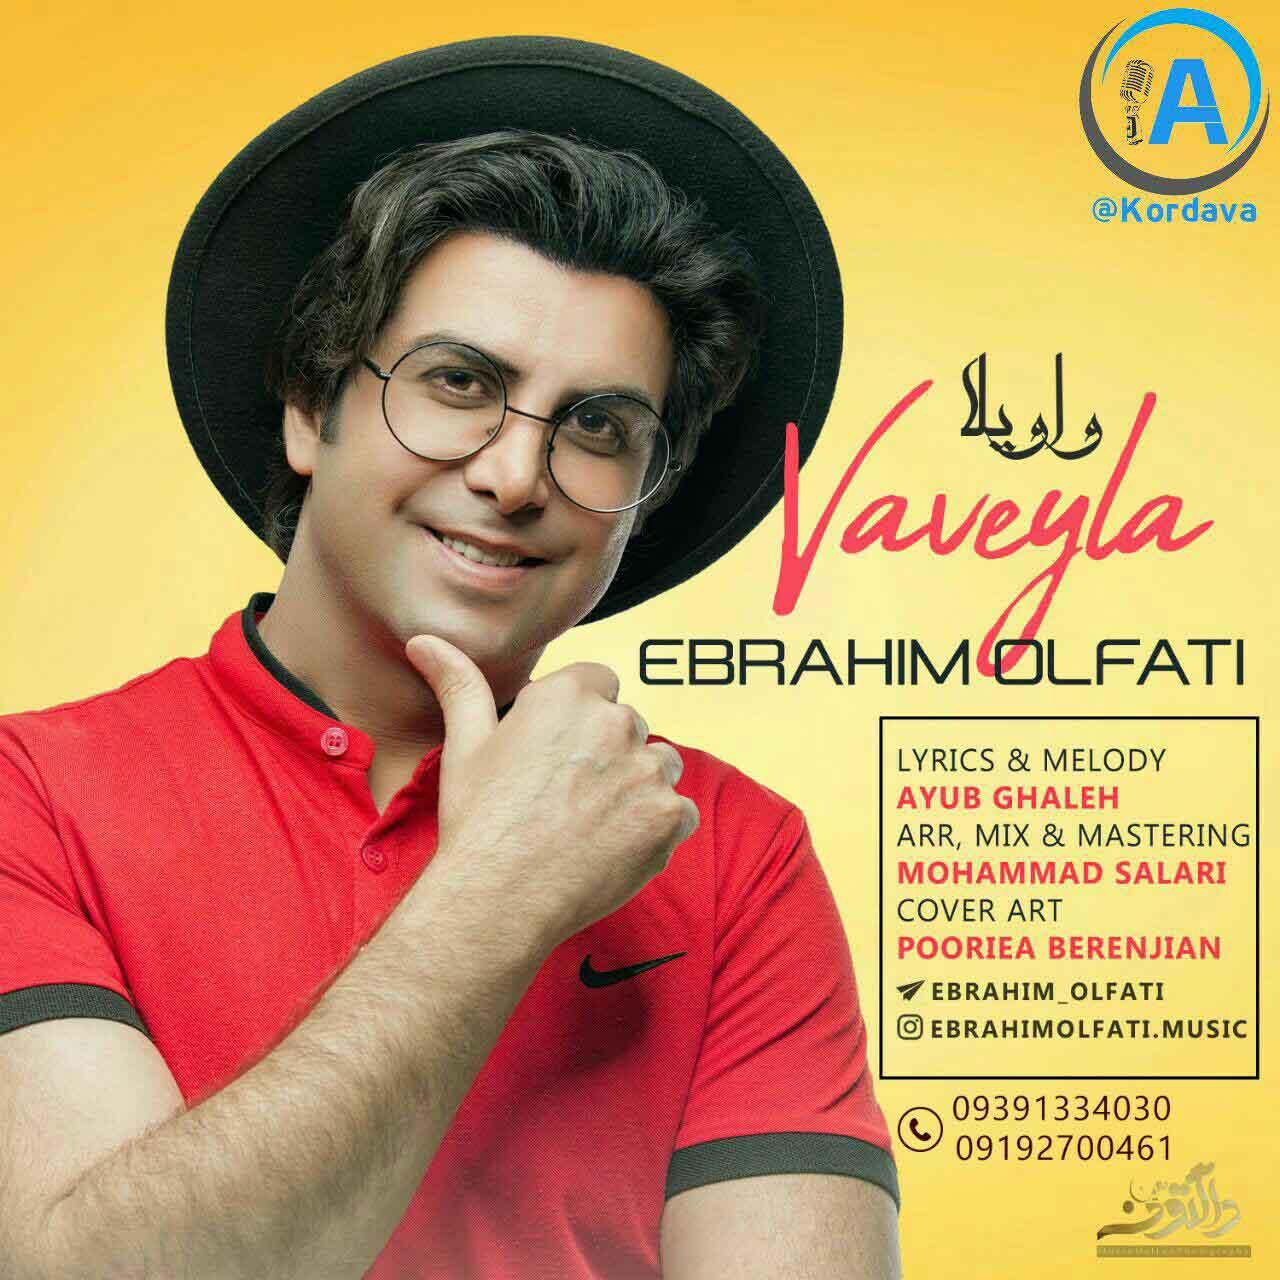 دانلود آهنگ جدید ابراهیم الفتی به نام واویلا